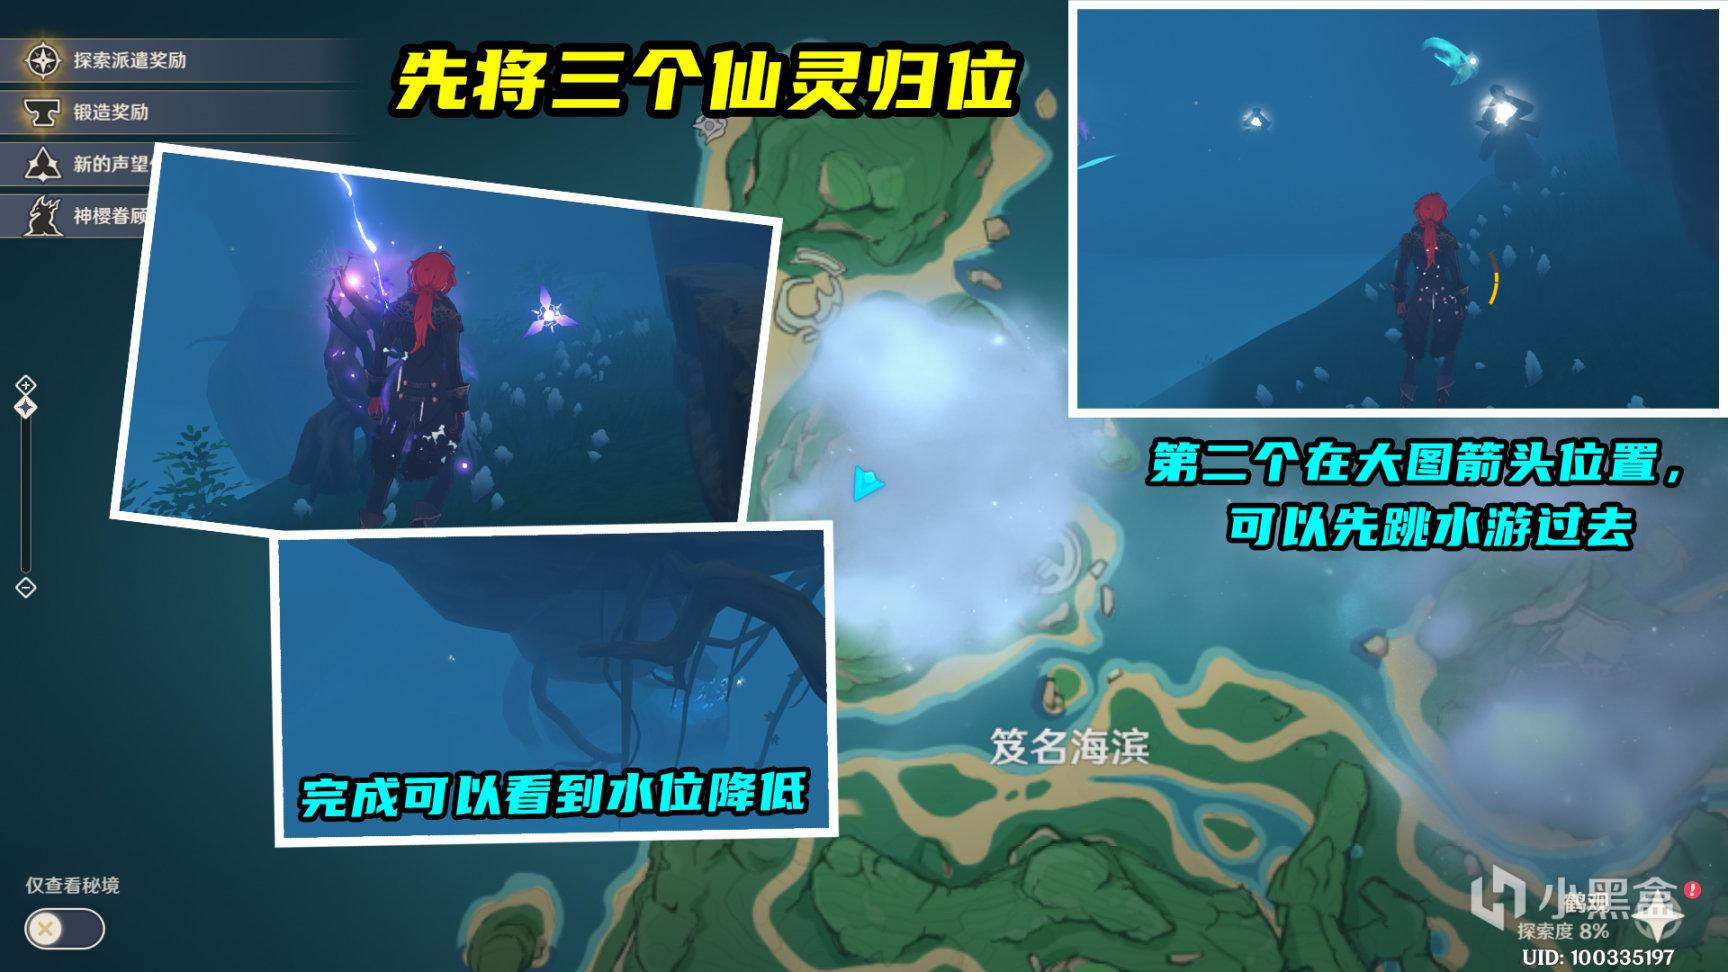 【雾海纪行】最详细的全攻略(多图警告)插图33